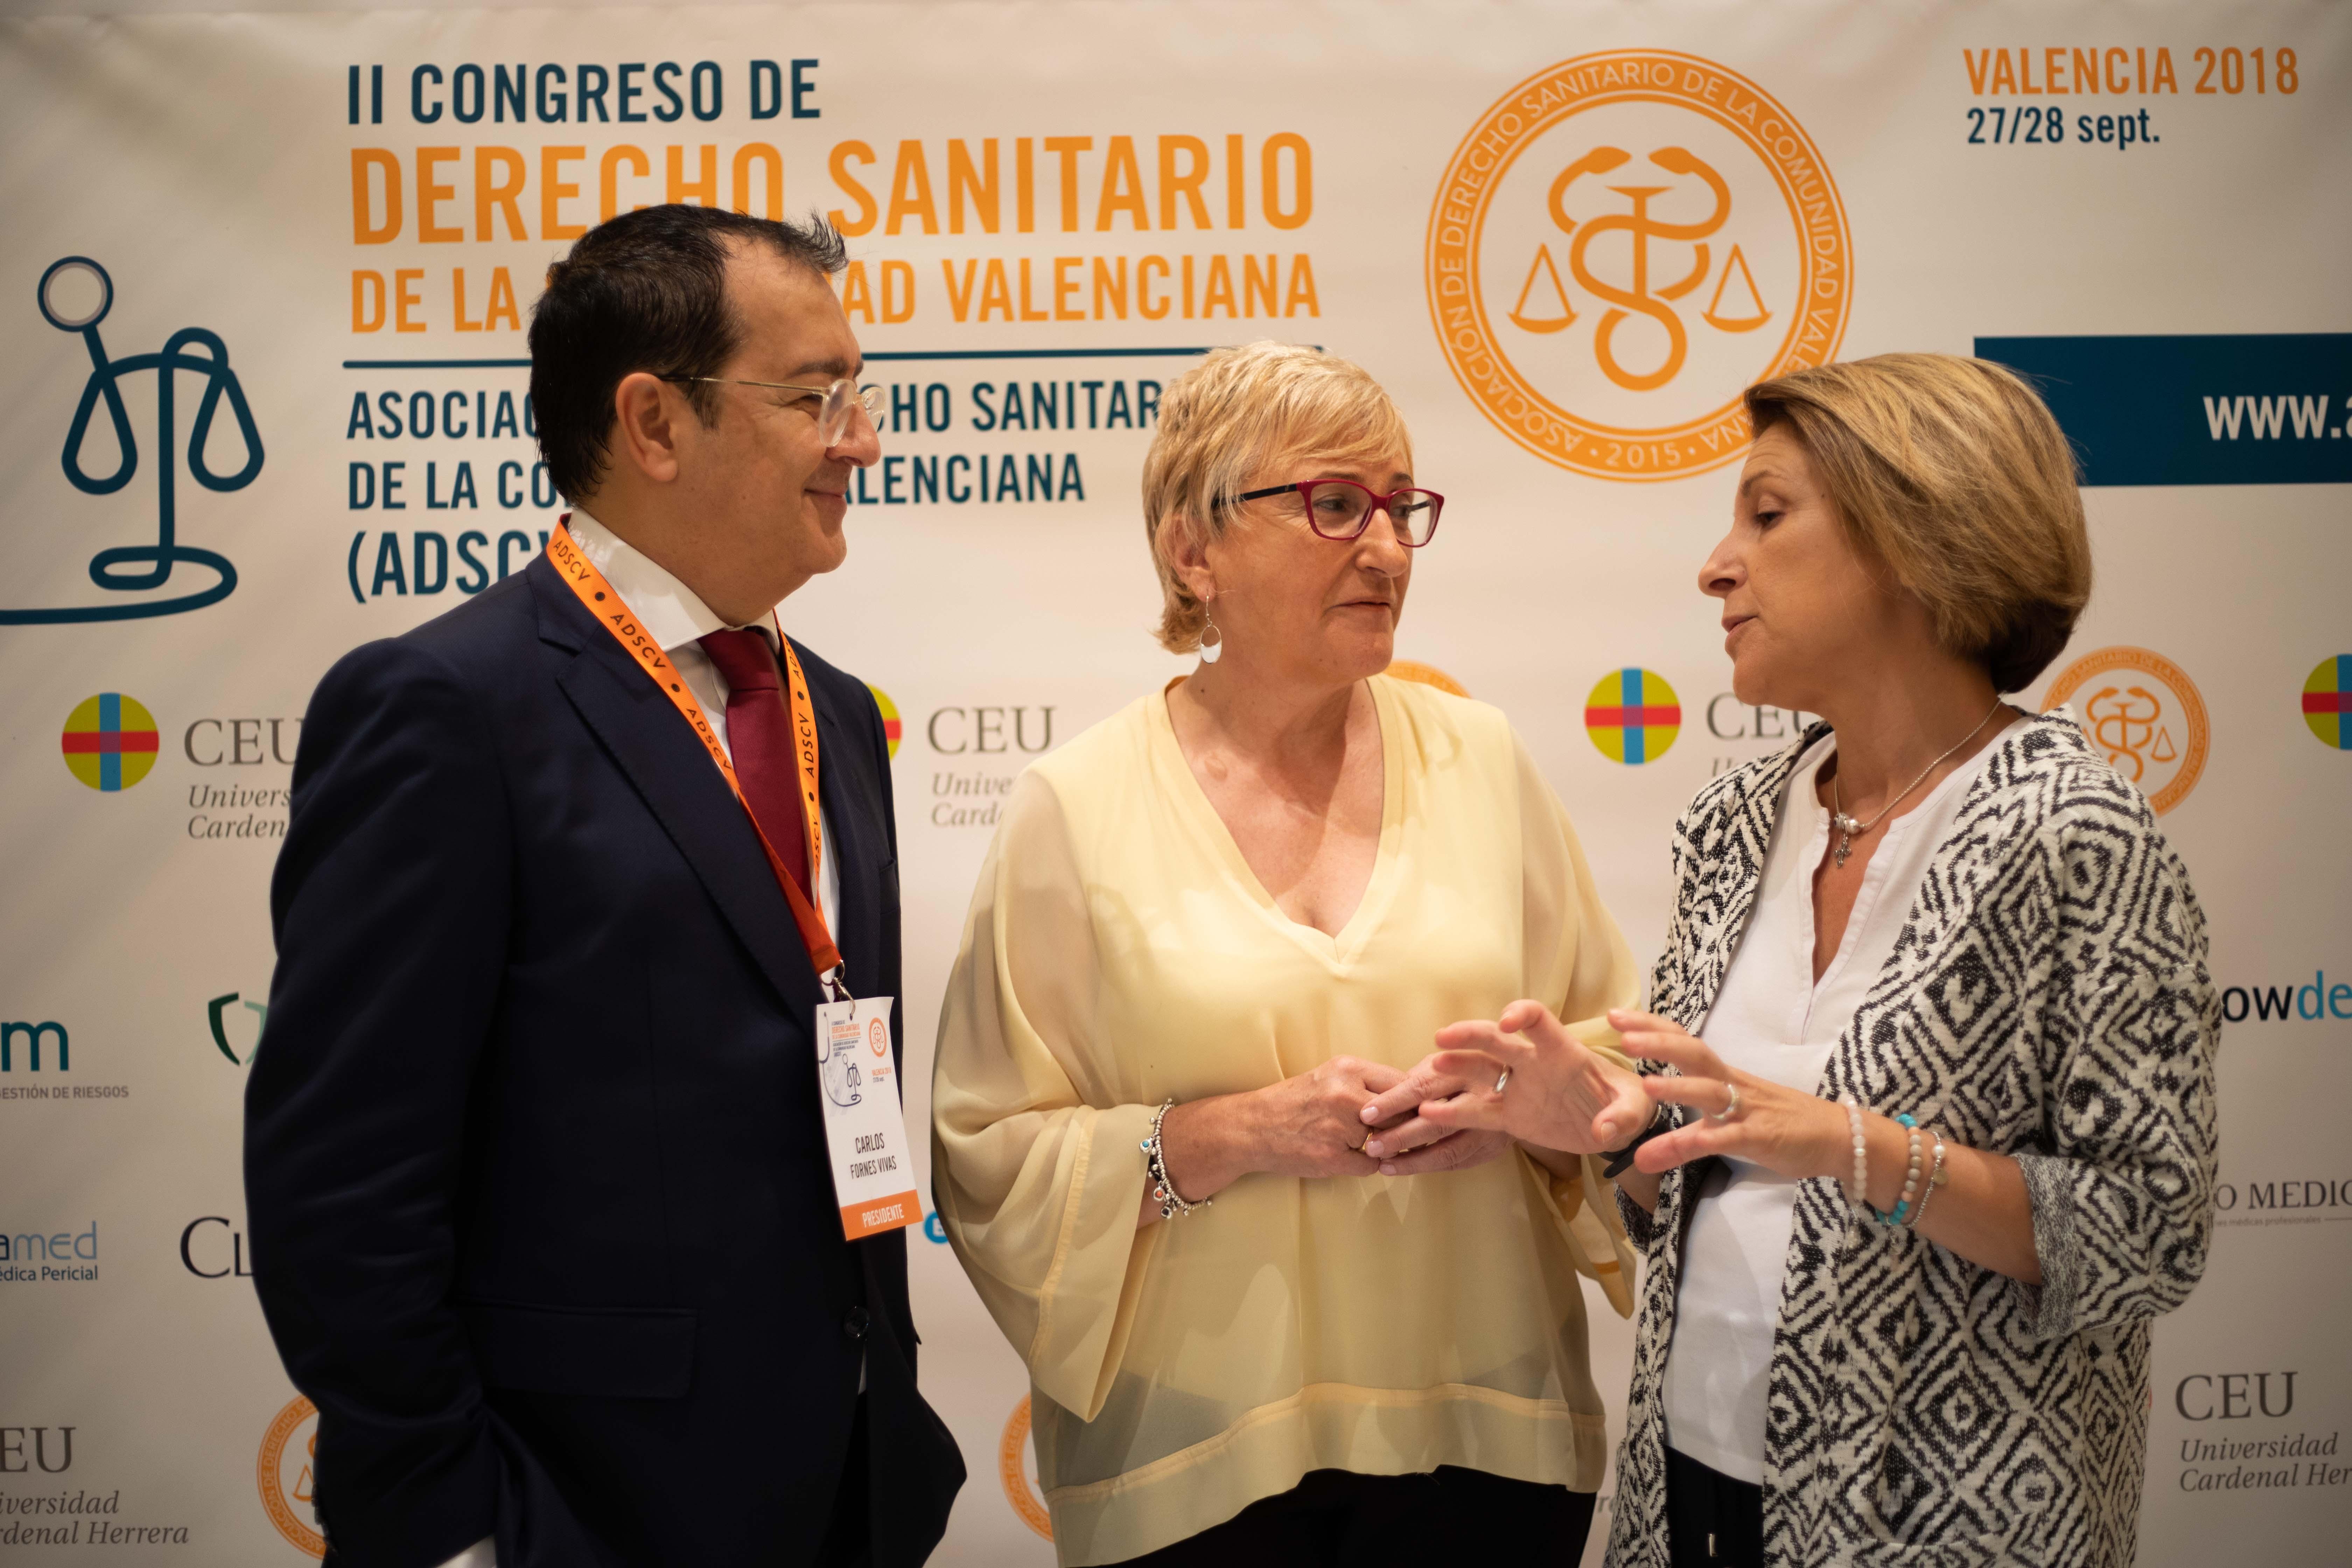 """DIARIO MÉDICO: """"El acceso a la sanidad no puede ser la frontera entre la inclusión y la exclusión social"""""""